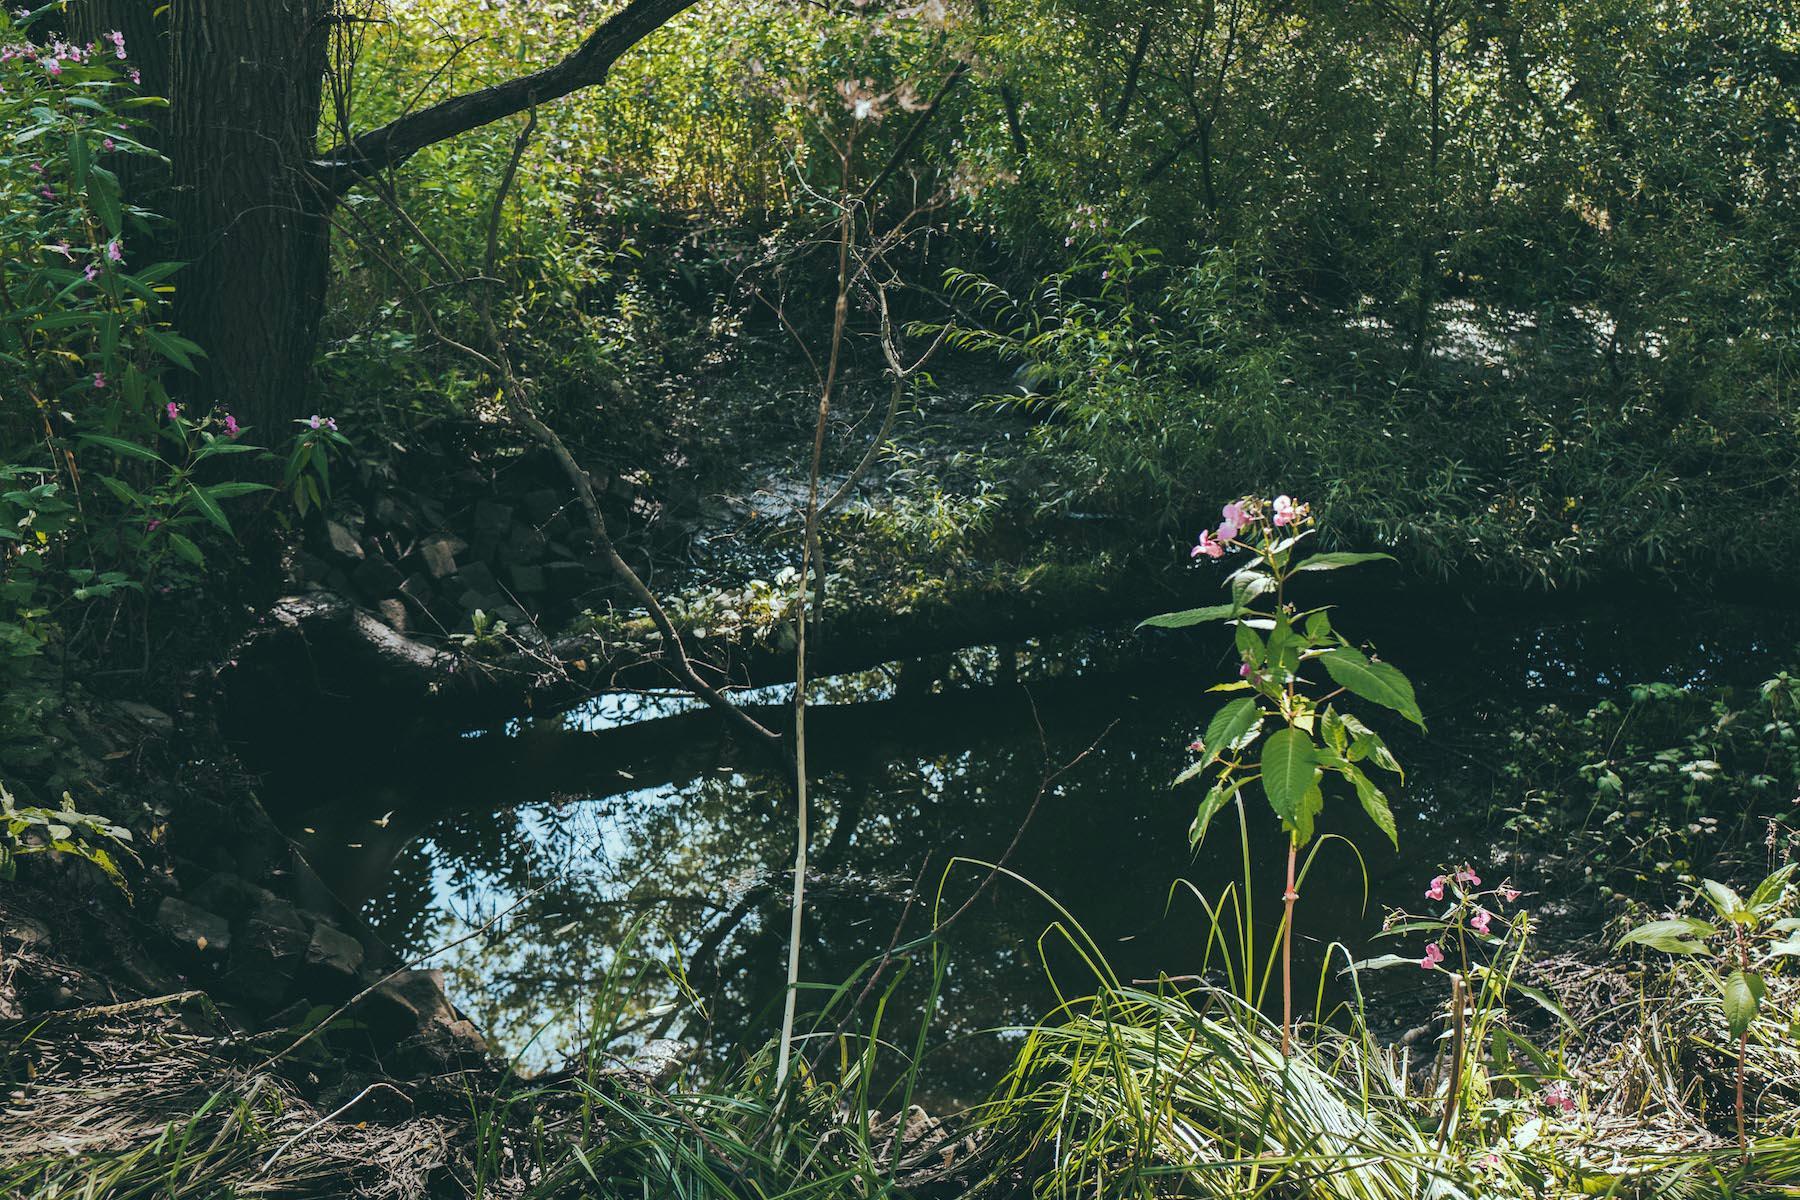 Überall kleine Seen und blühende Pflanzen.